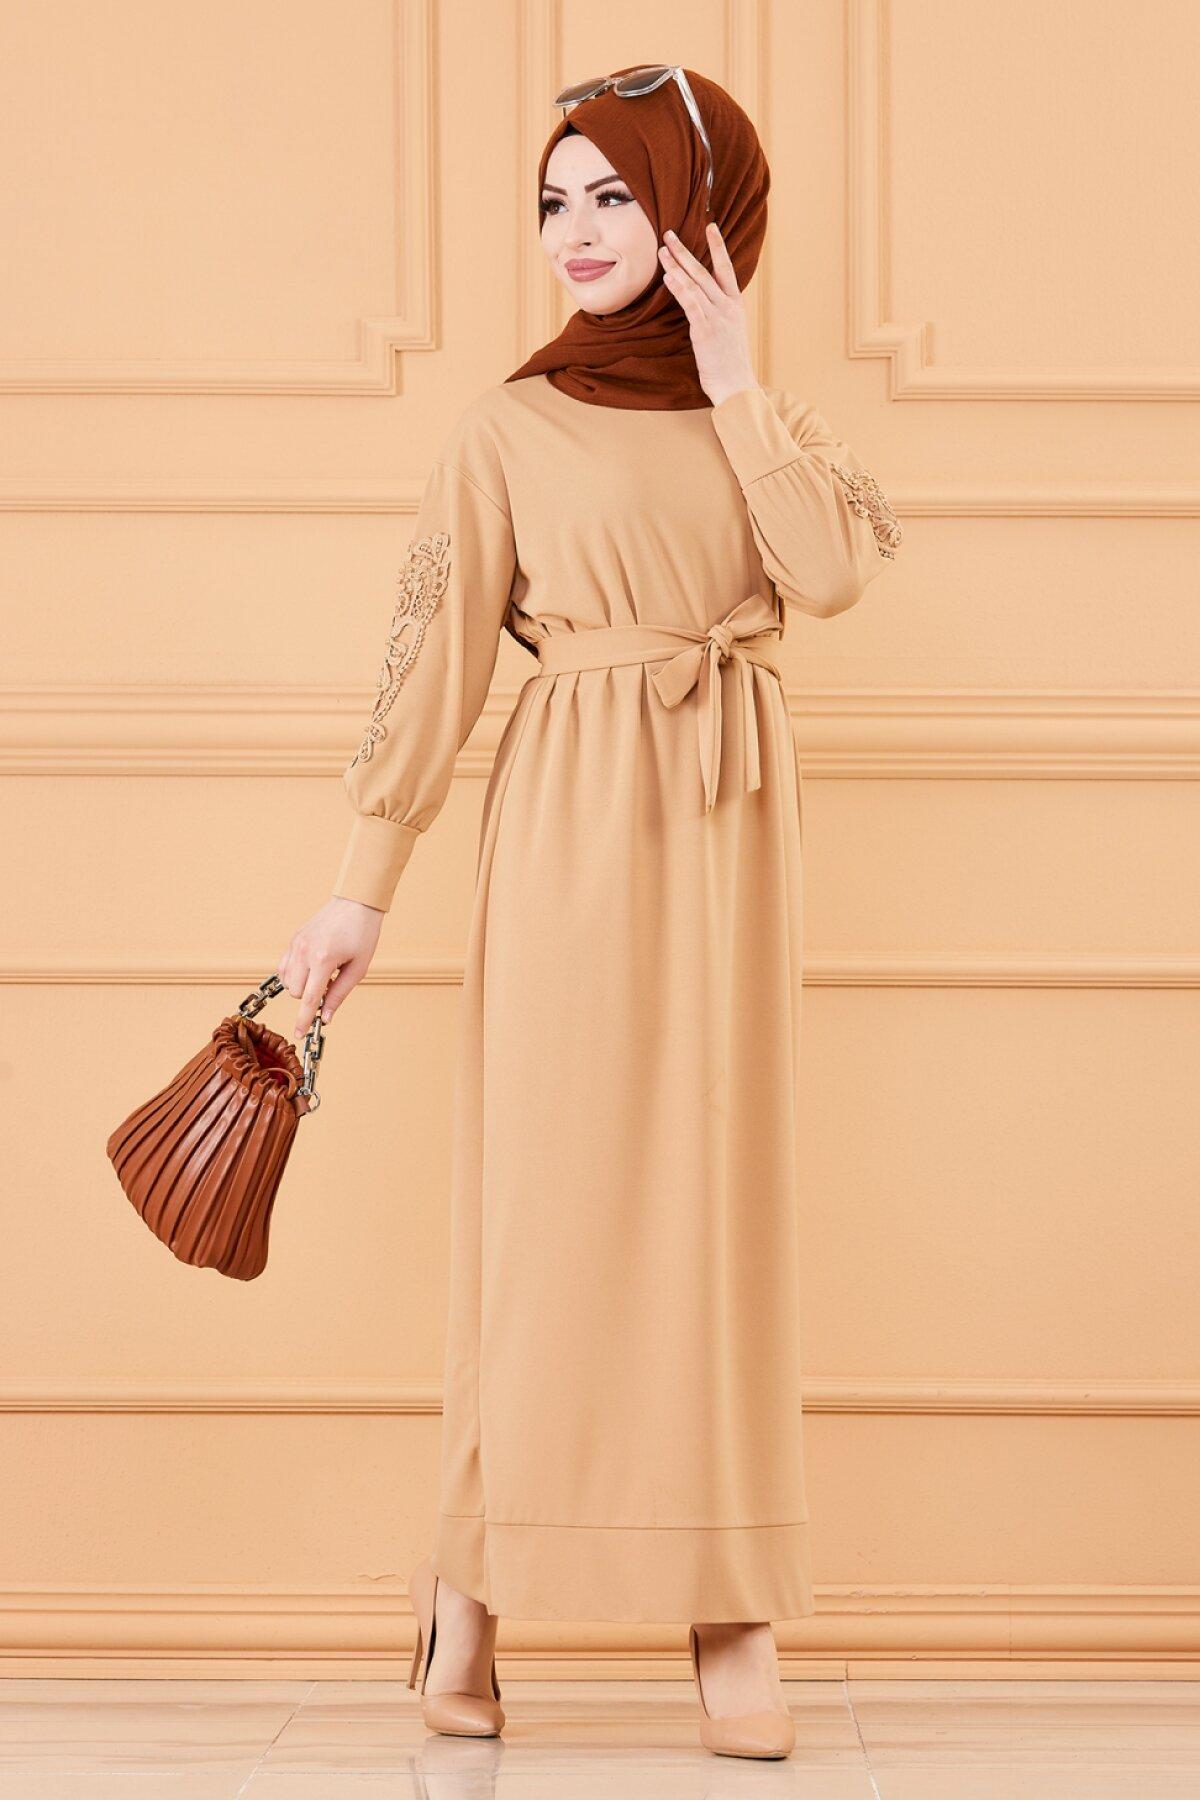 TUGBA فستان مسلم دانتيل تفاصيل بيج أسود أرجواني اللون فستان مسلم رمز 2021 ثوب تركي حجاب ملابس صيفية